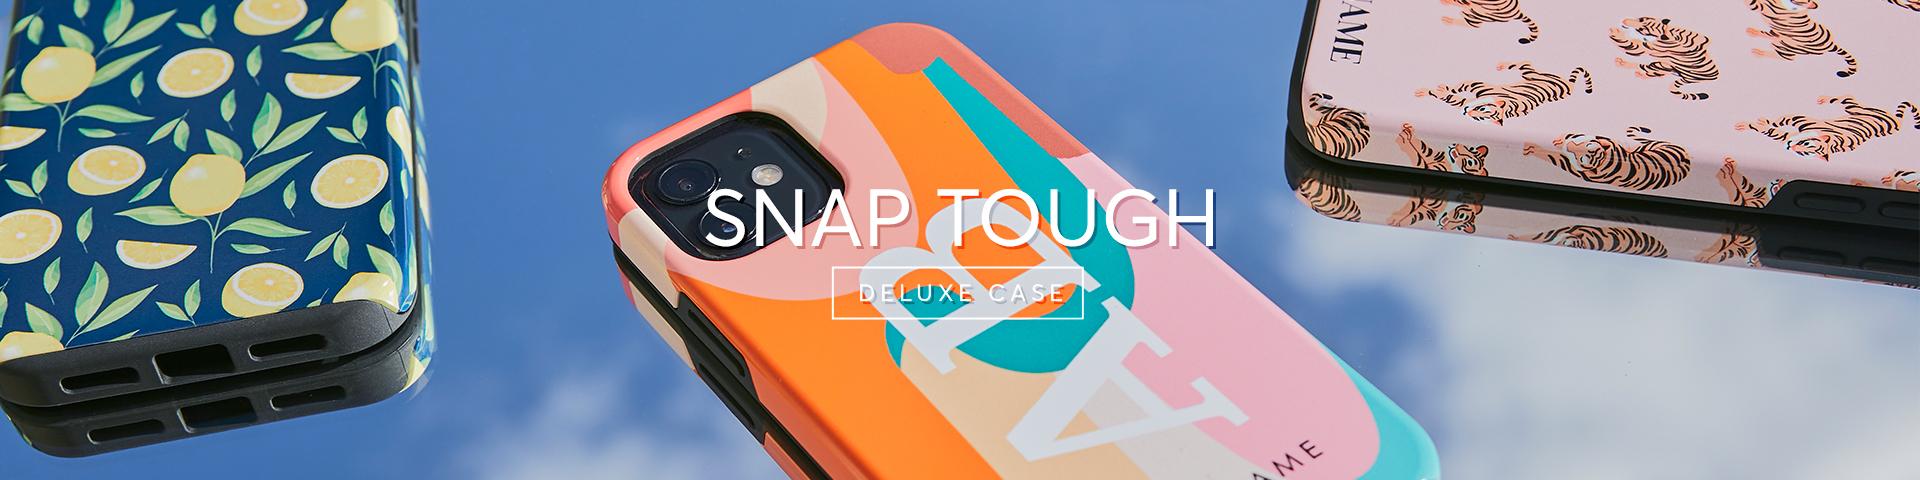 Snap Tough Deluxe Case